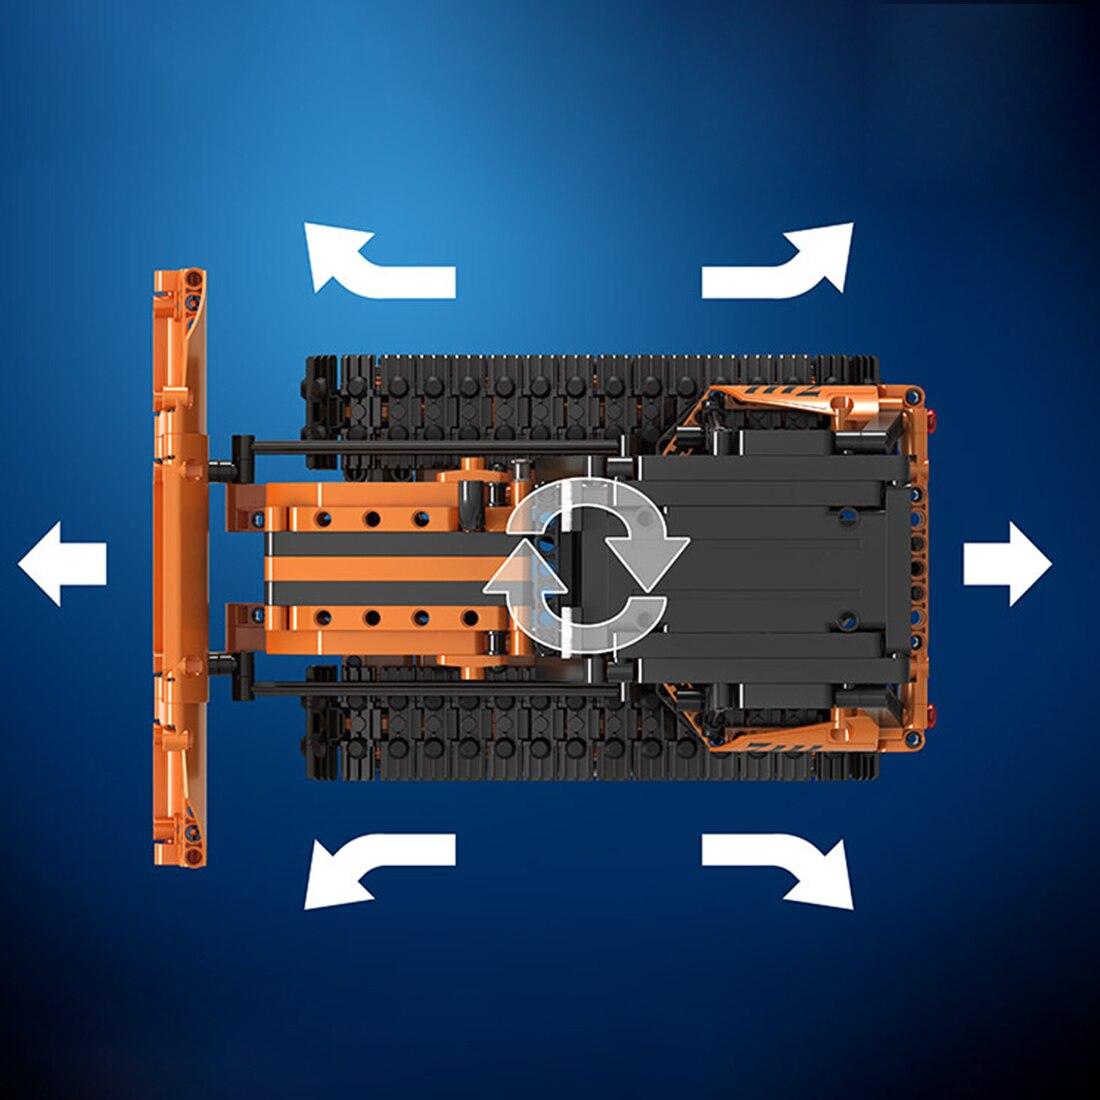 DIY Сборная модель Строительный набор 3D Сборка из нержавеющей стали съемные модели украшения головоломки Лось - 6